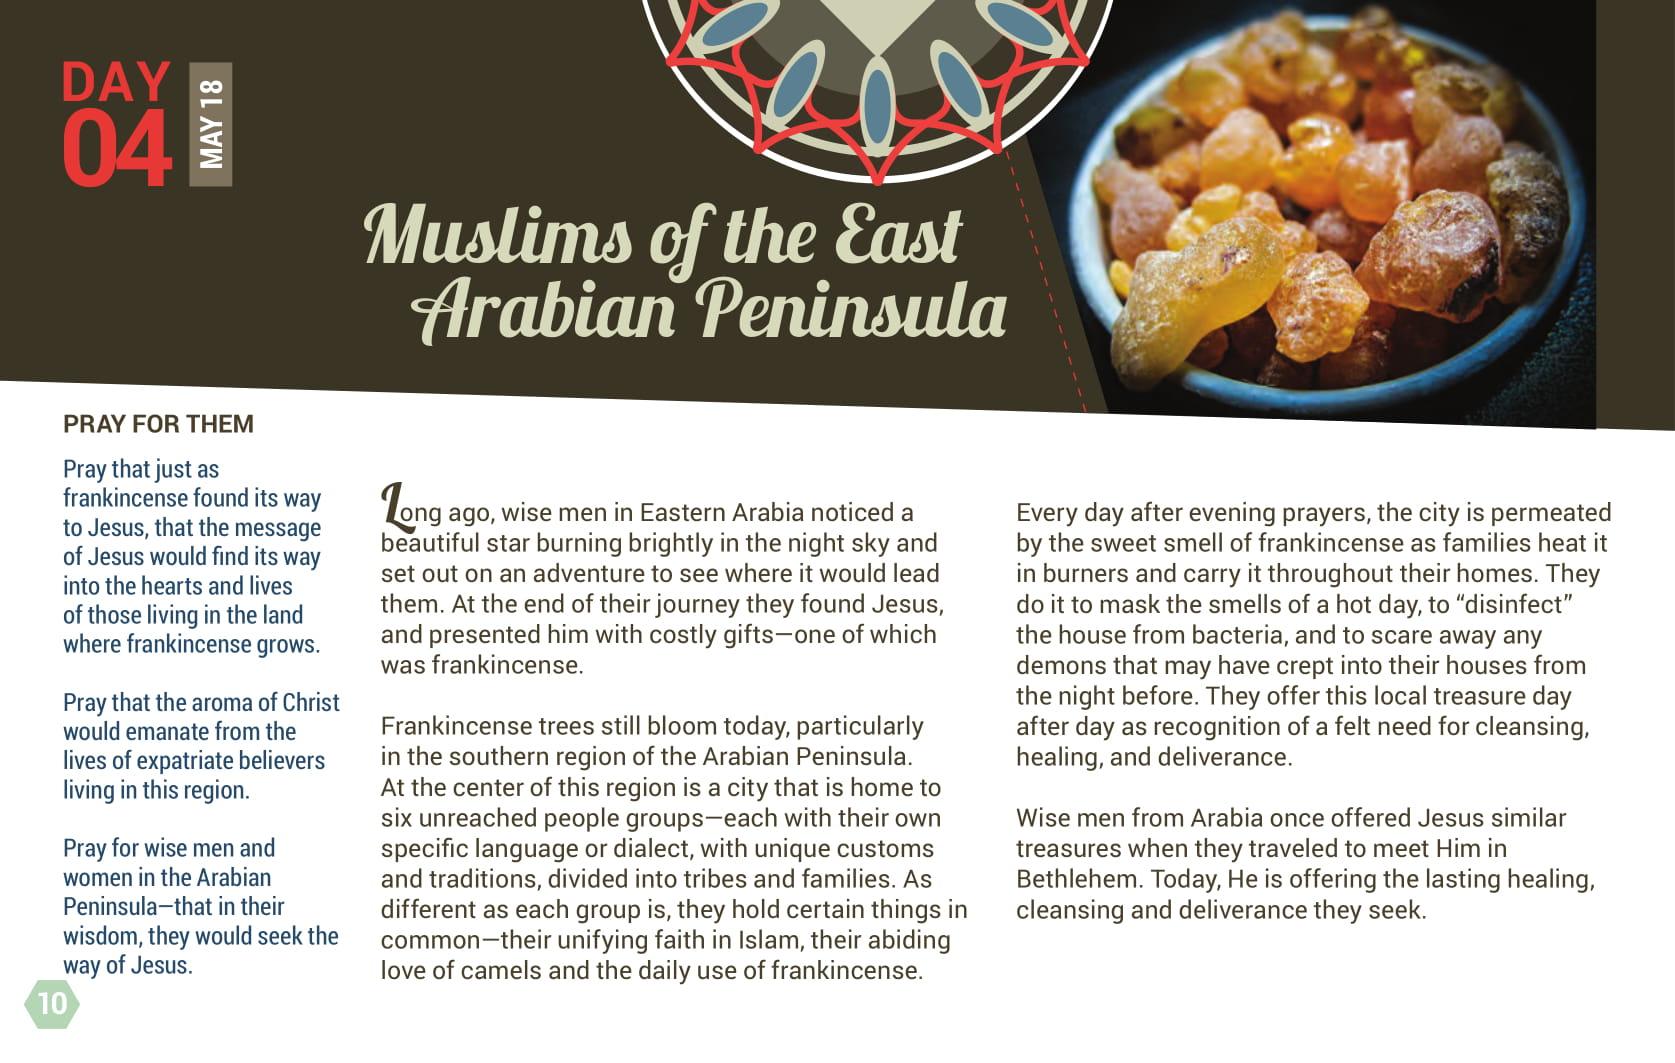 Day 04 - Muslims of the East Arabian Peninsula